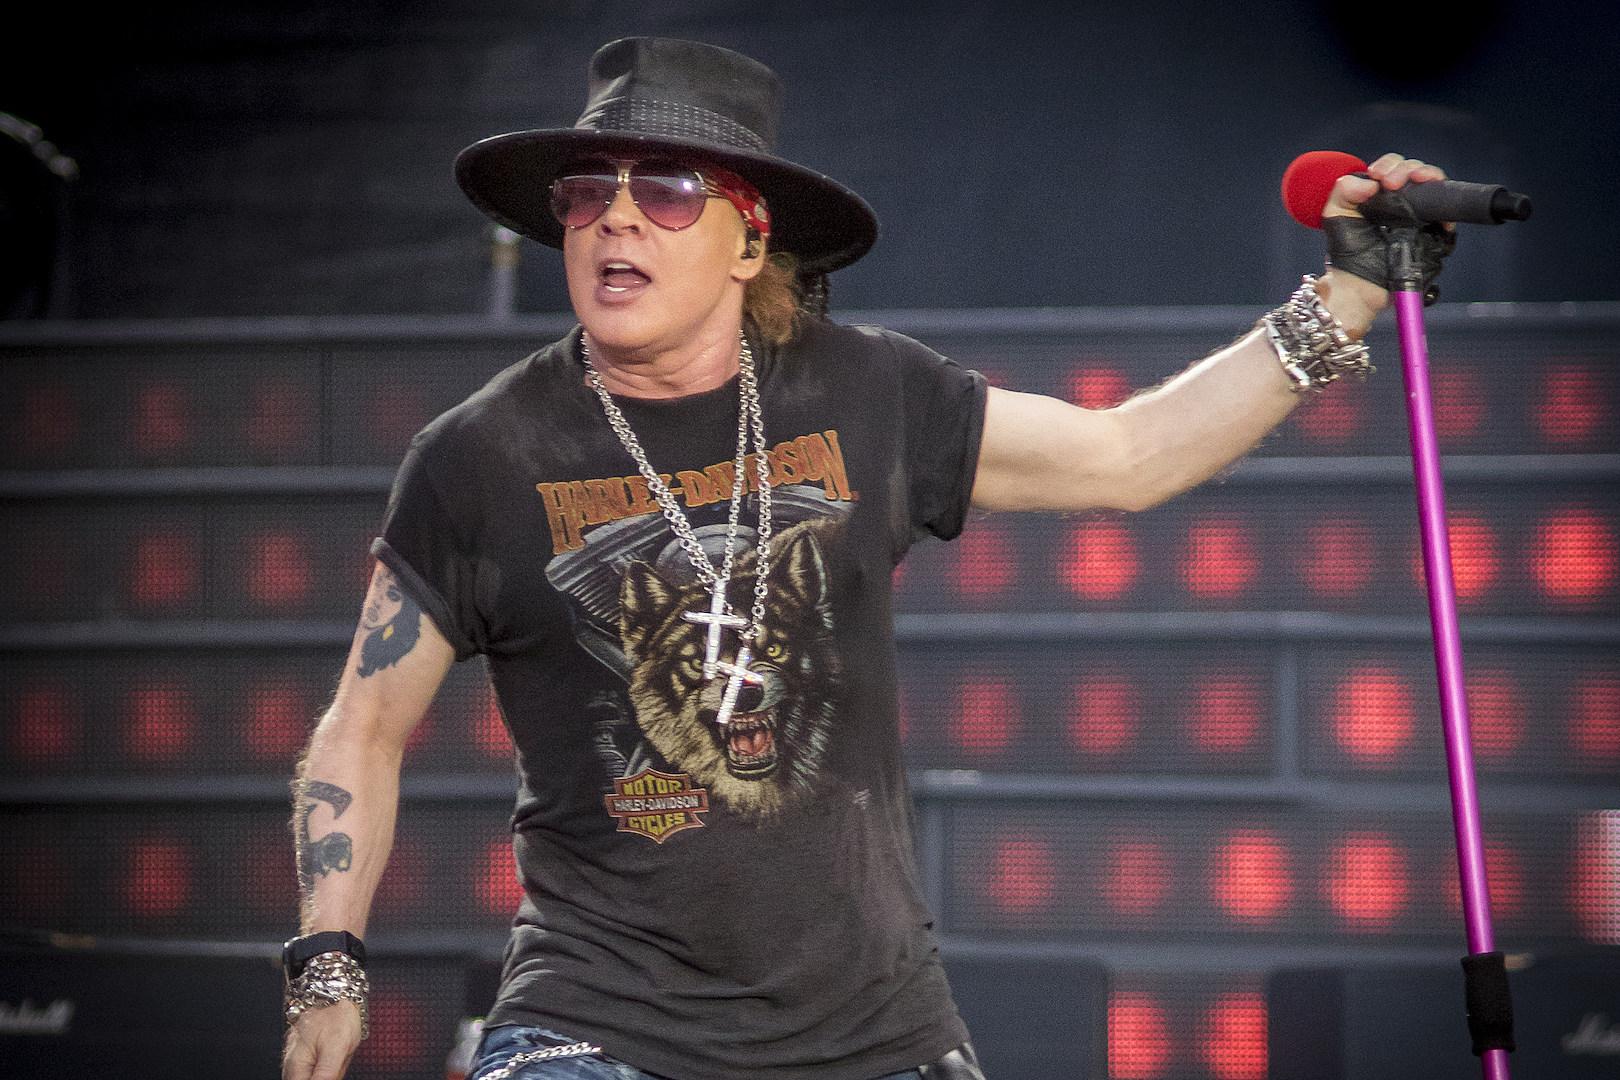 Axl Rose Debuts New Haircut at First 2019 Guns N' Roses Show